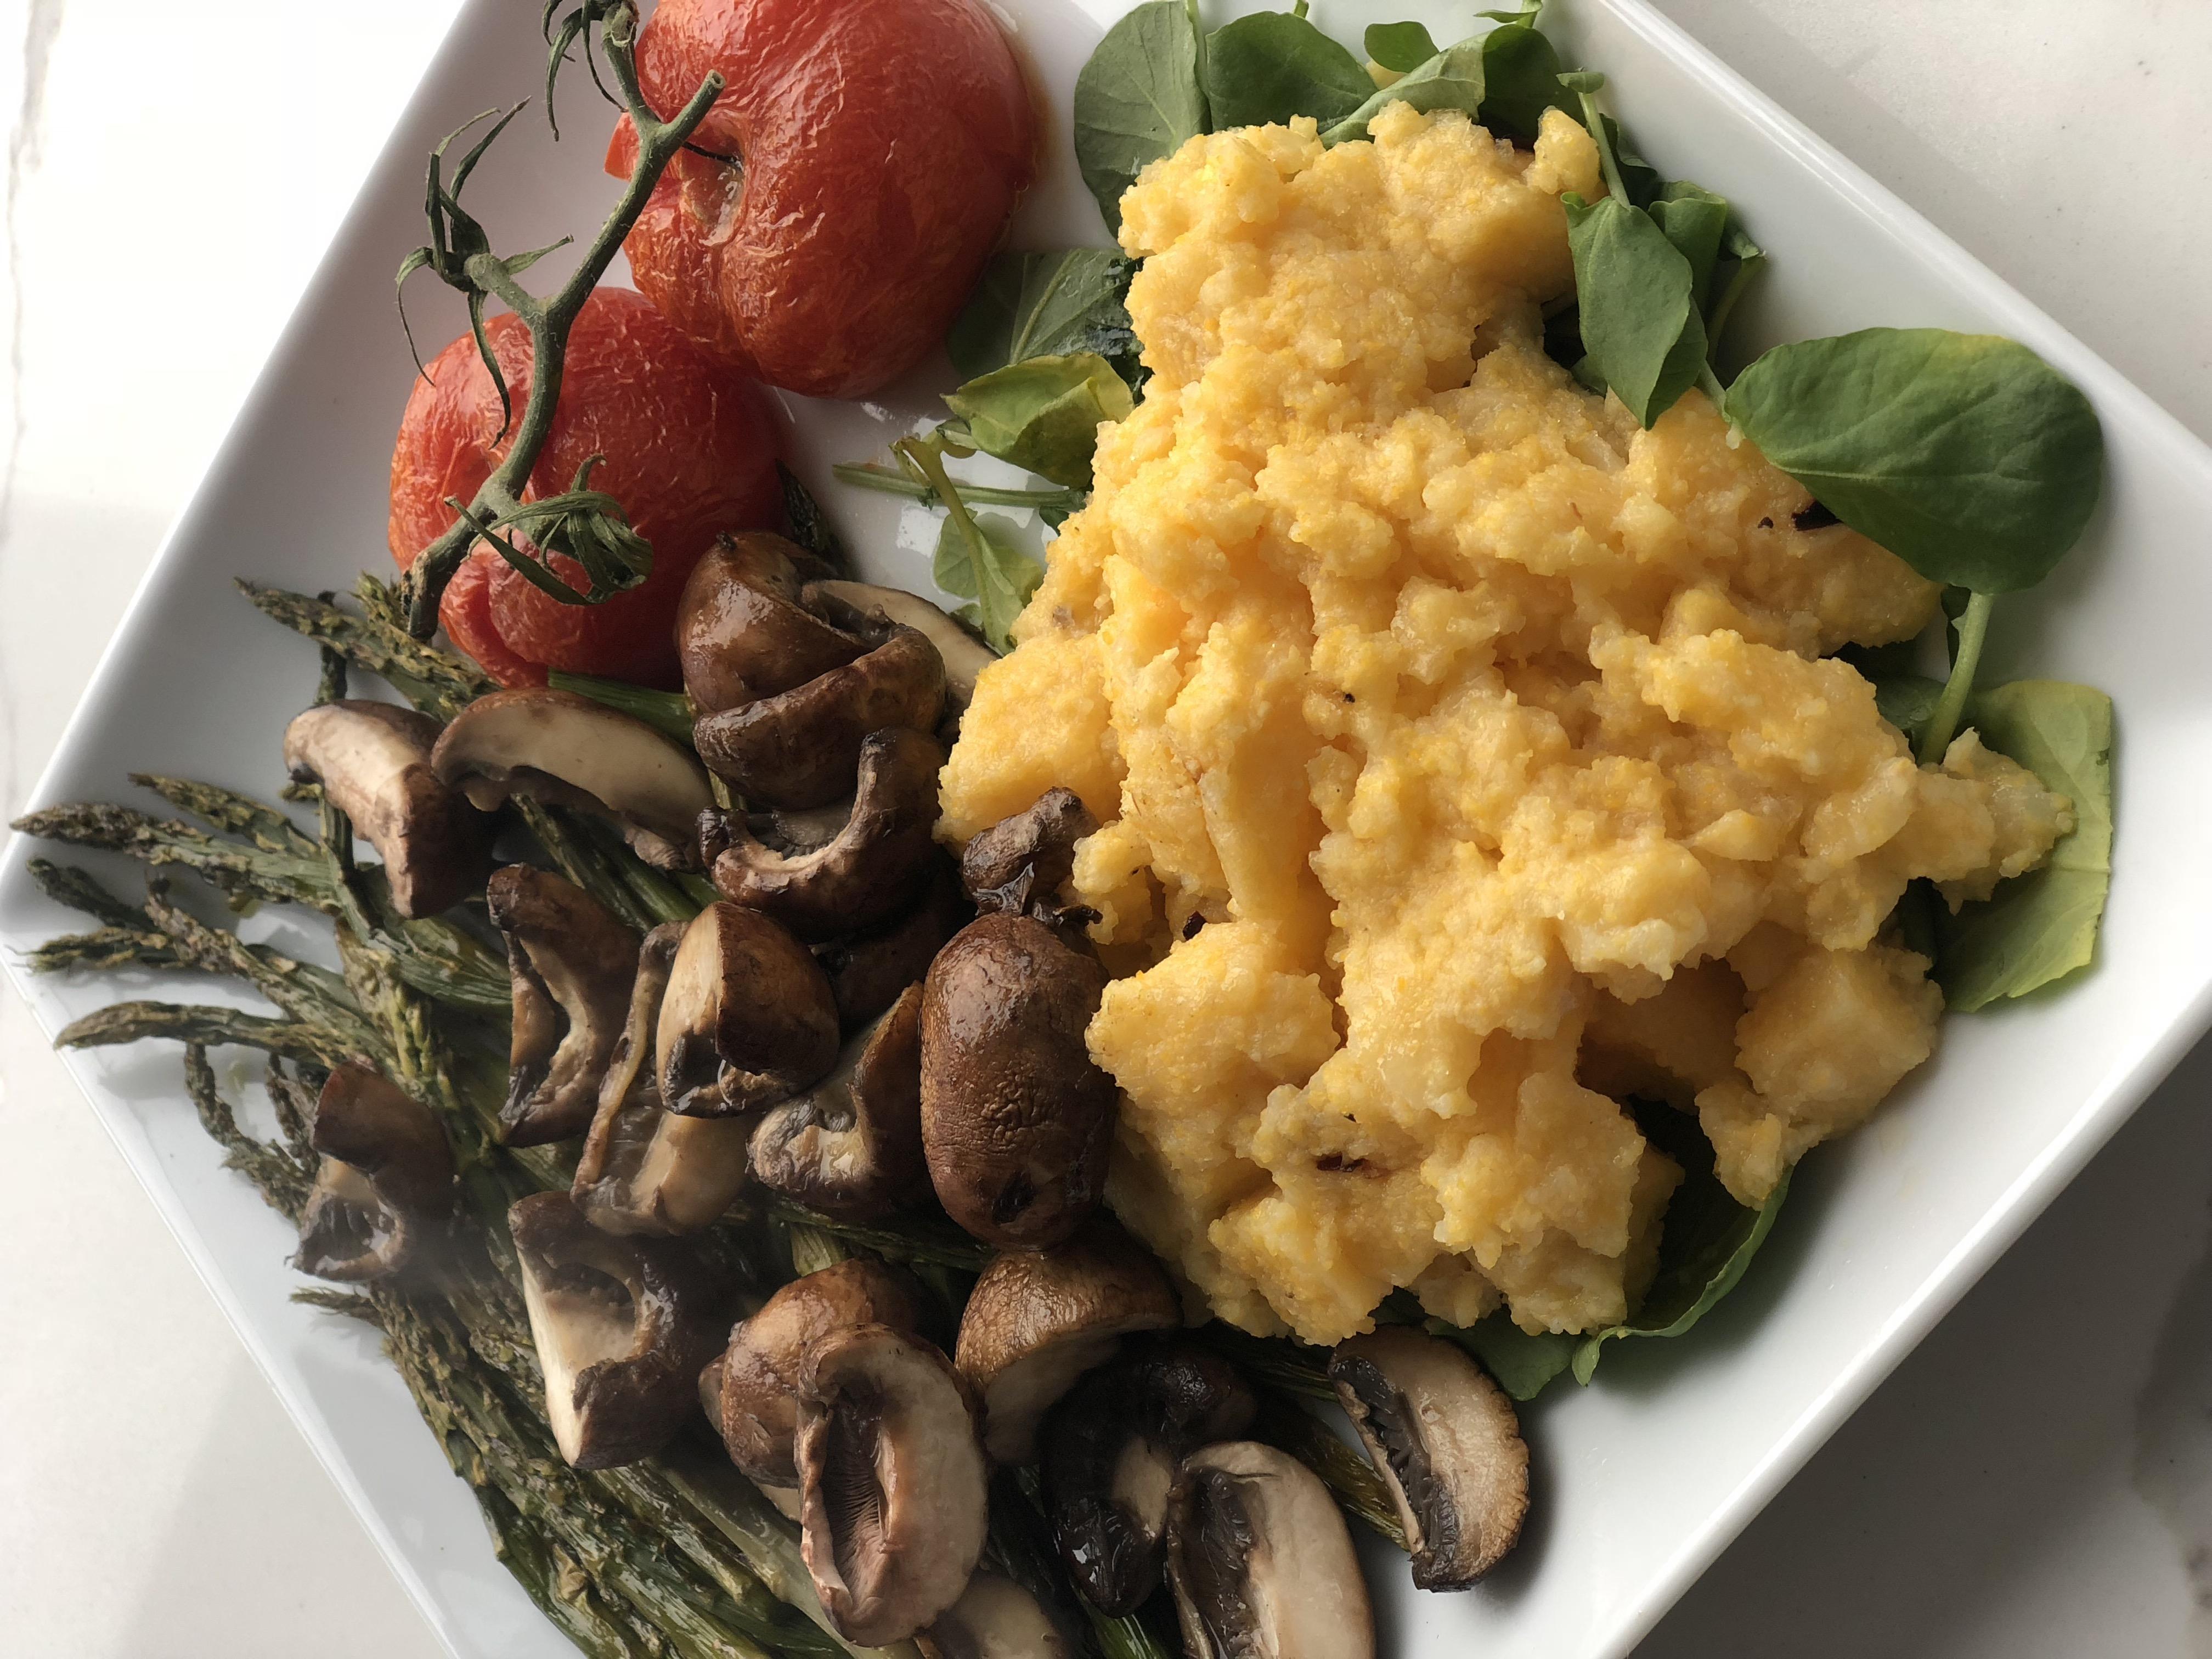 Parmesan Polenta with Roasted Tomatoes and a Mushroom Ragu